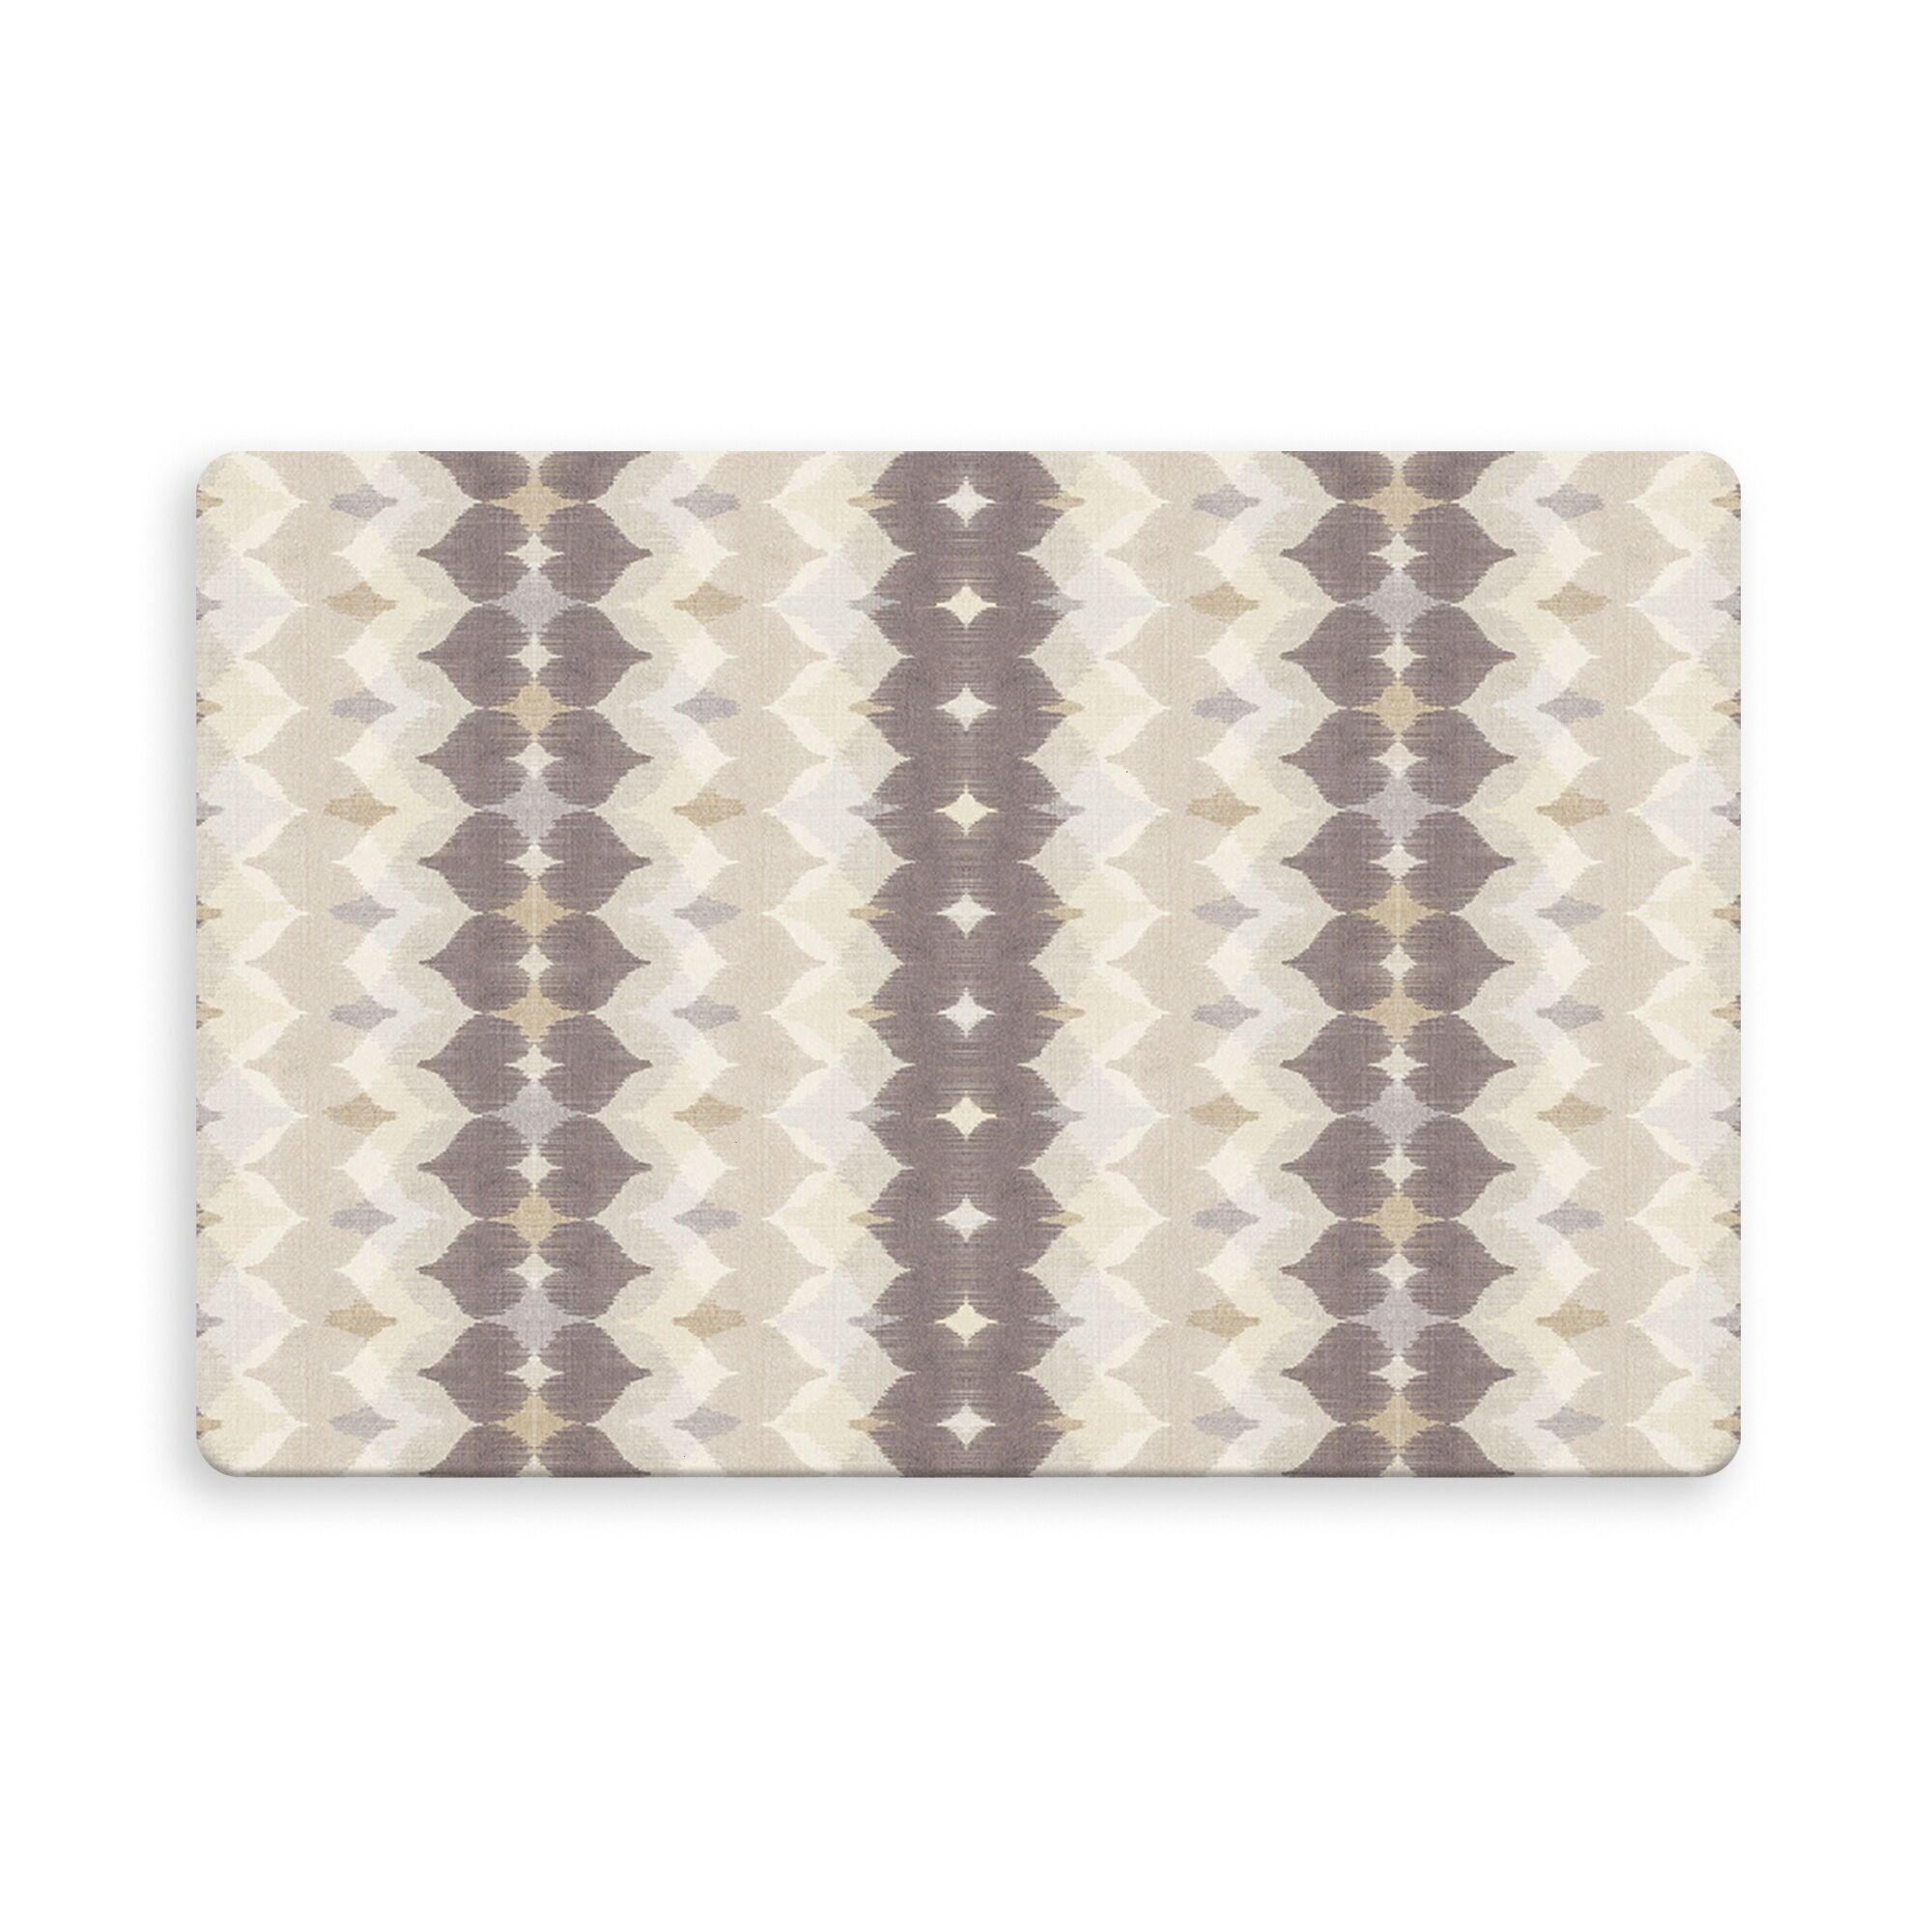 Hallock Chevron Motion Indoor/Outdoor Doormat Mat Size: Rectangle 2'6